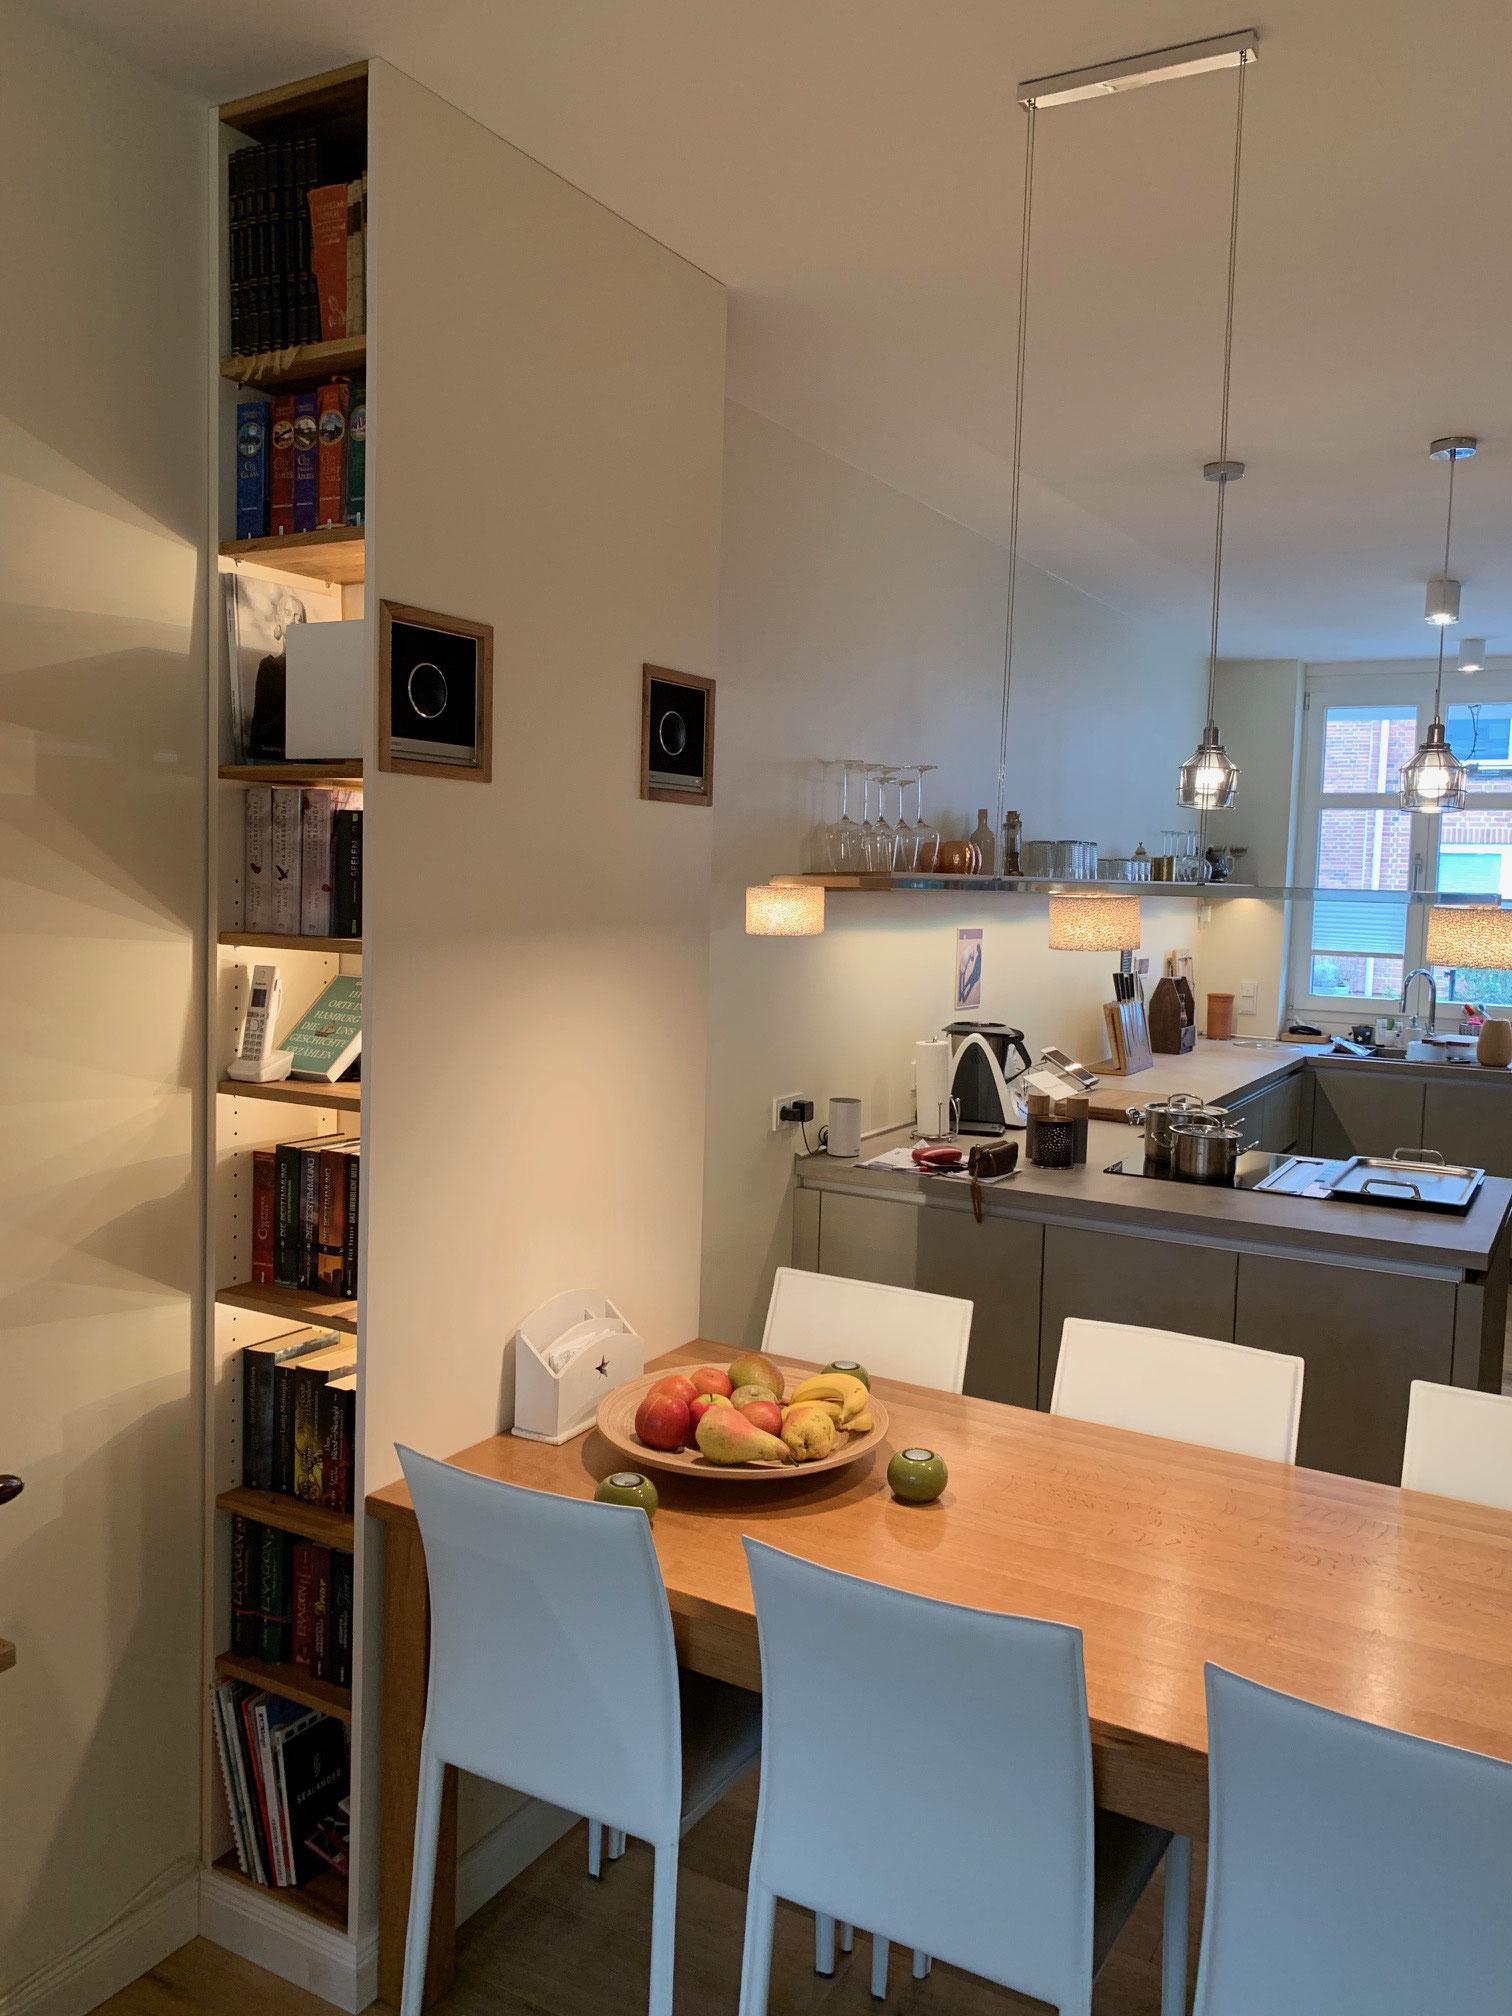 Wandpaneel aus Eiche und Dekorplatte mit Beleuchtung, integrierten Lautsprechern